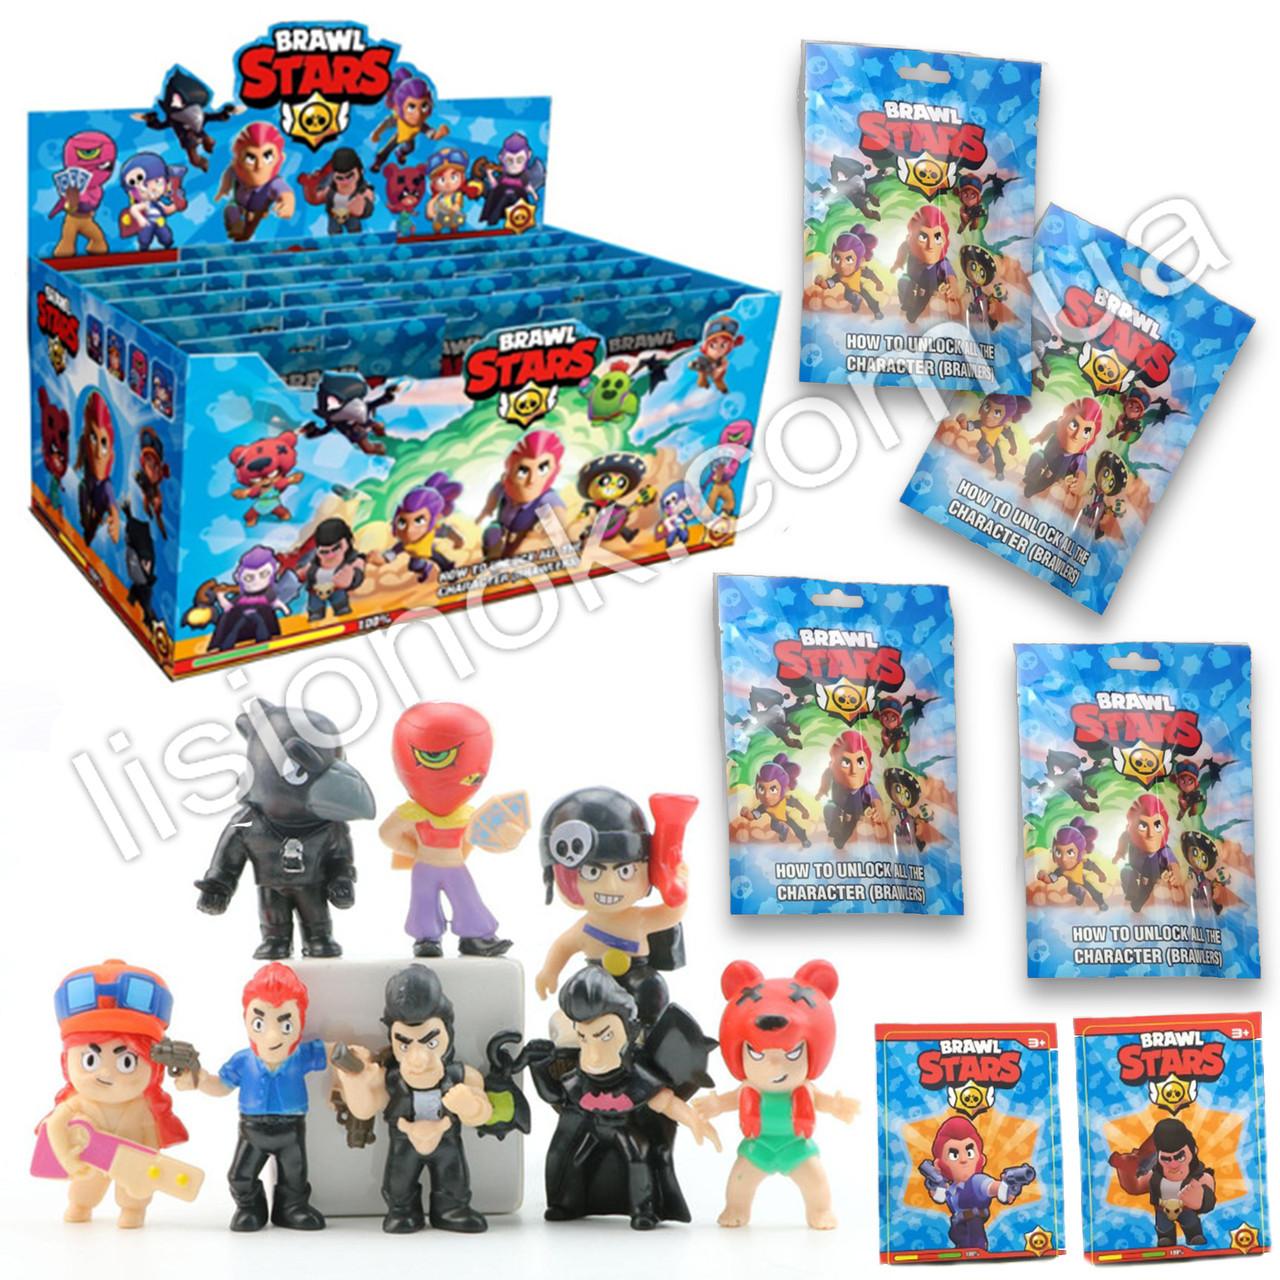 Набор фигурок Brawl Stars с карточкой в пакете - 8 разных героев, коллекционные фигурки из игры Бравл Старс